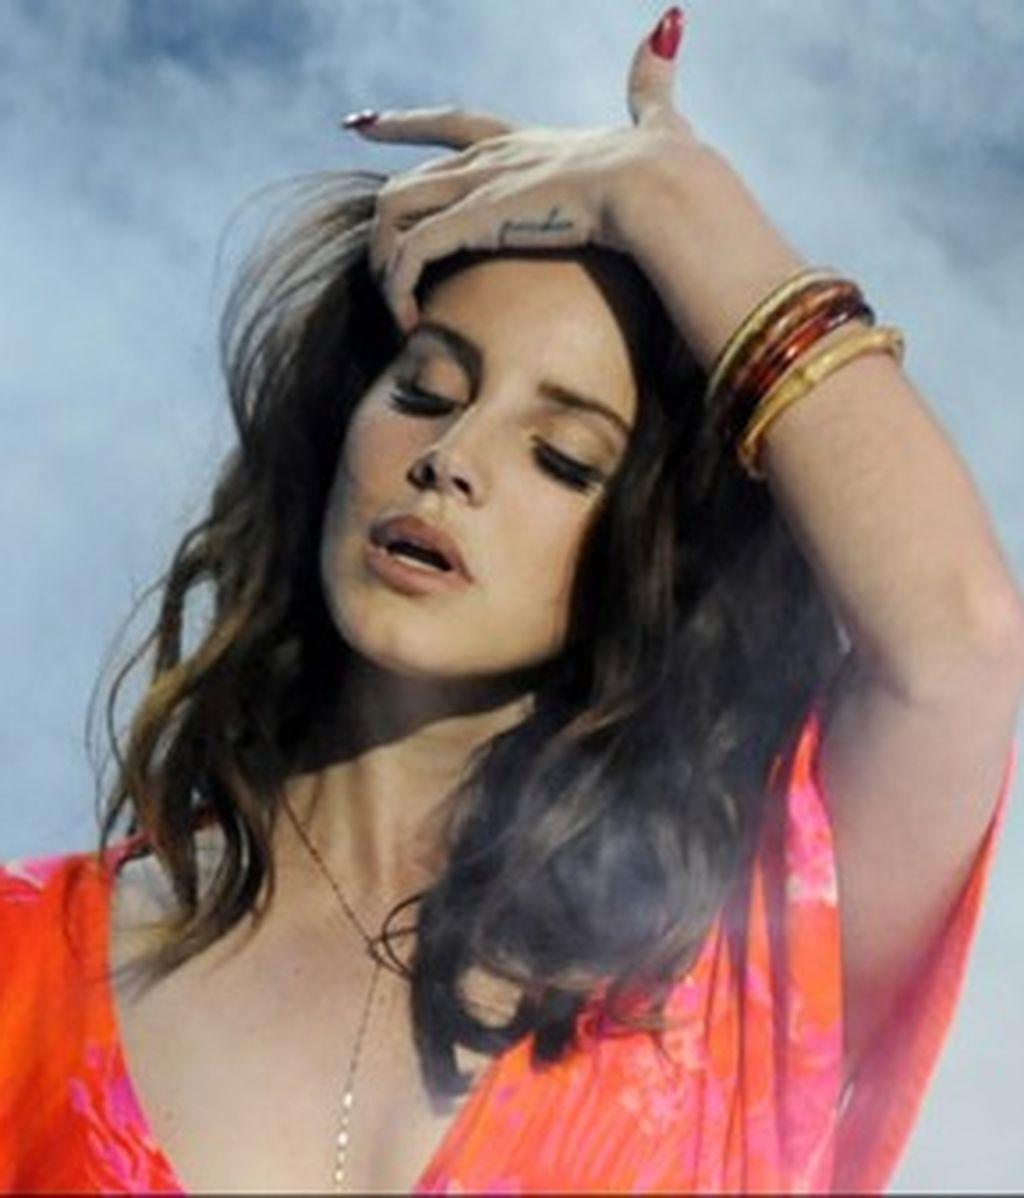 """Lana del Rey: """"Sé que me estoy volviendo loca, en mi vida emocional hay inestabilidad"""""""